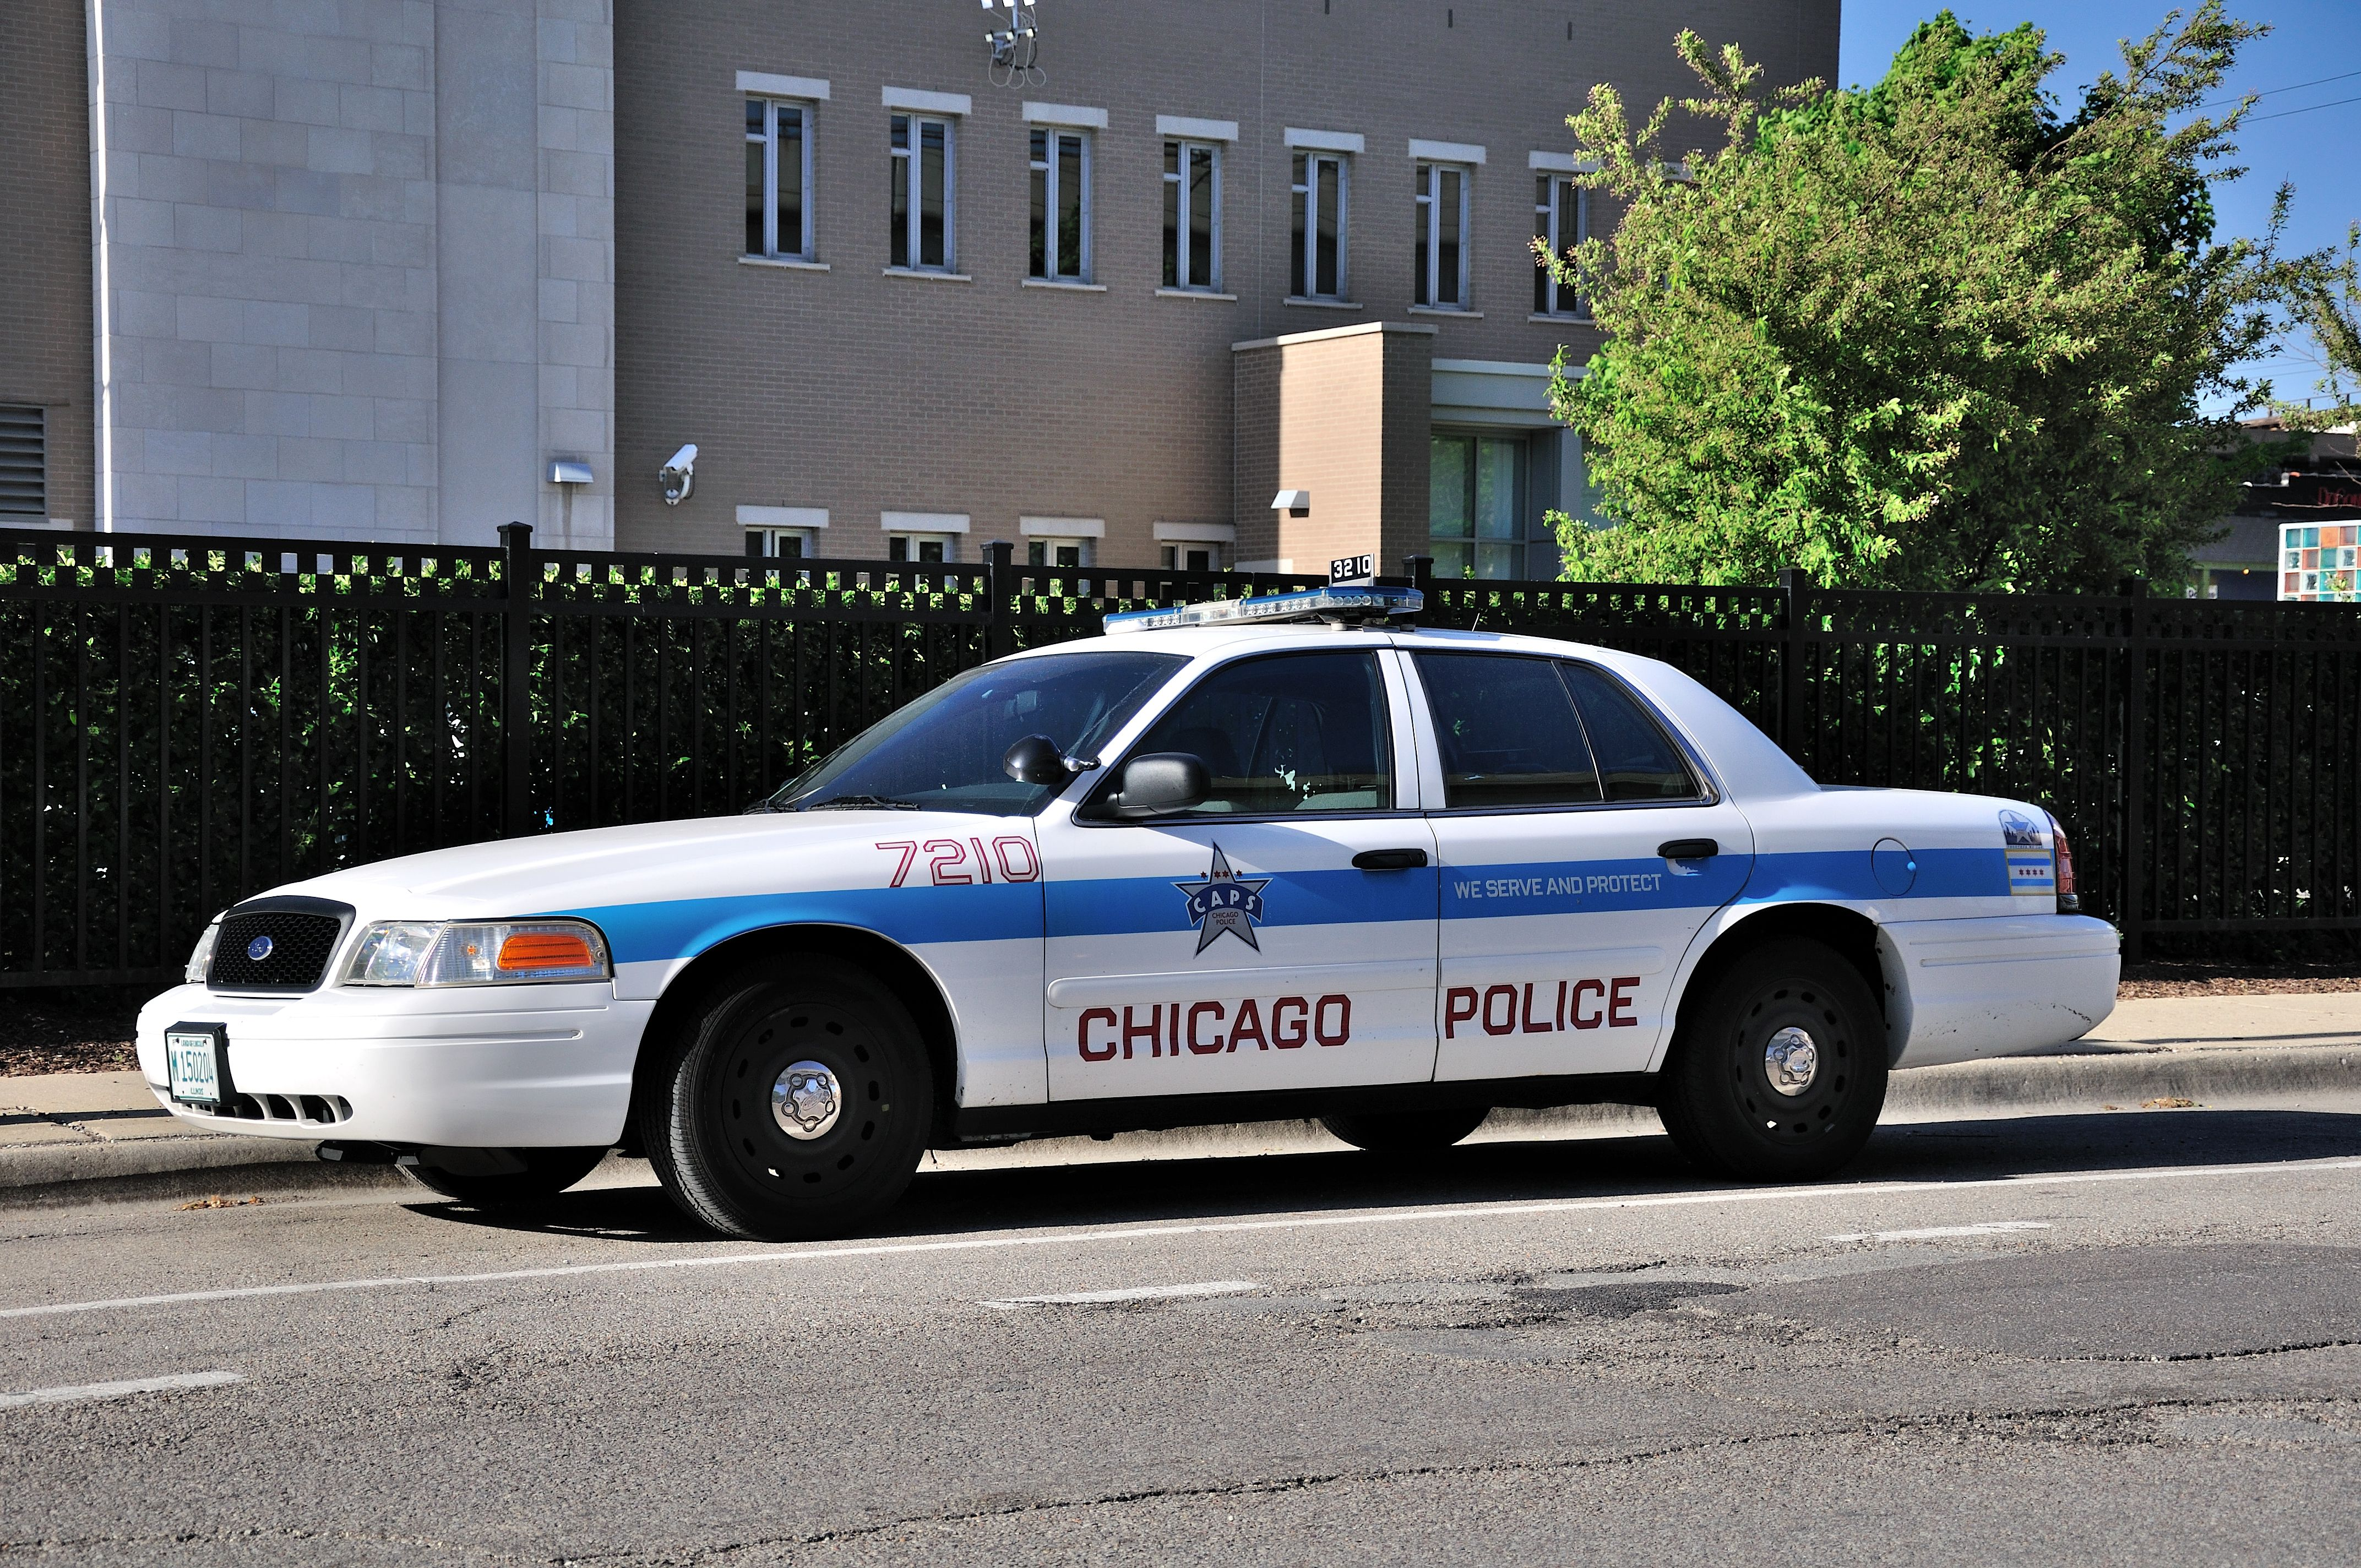 Voiture de police aux USA